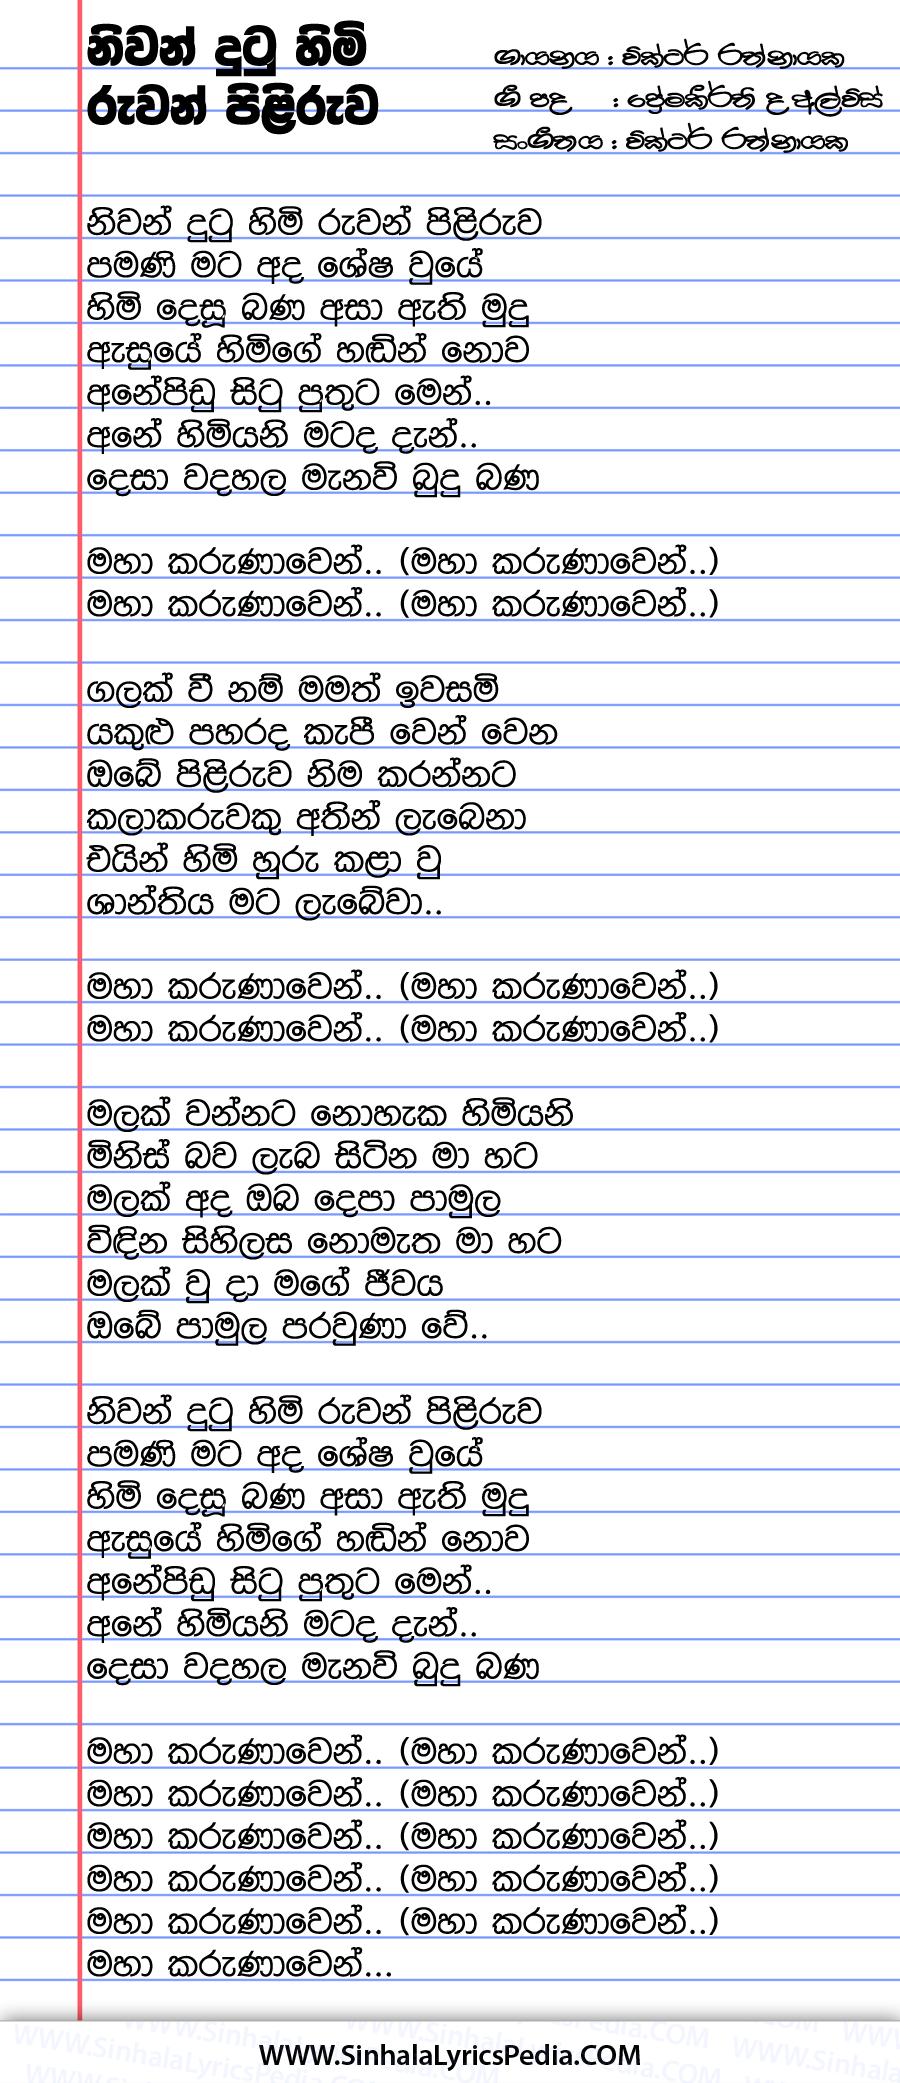 Niwan Dutu Himi Ruwan Piliruwa Song Lyrics